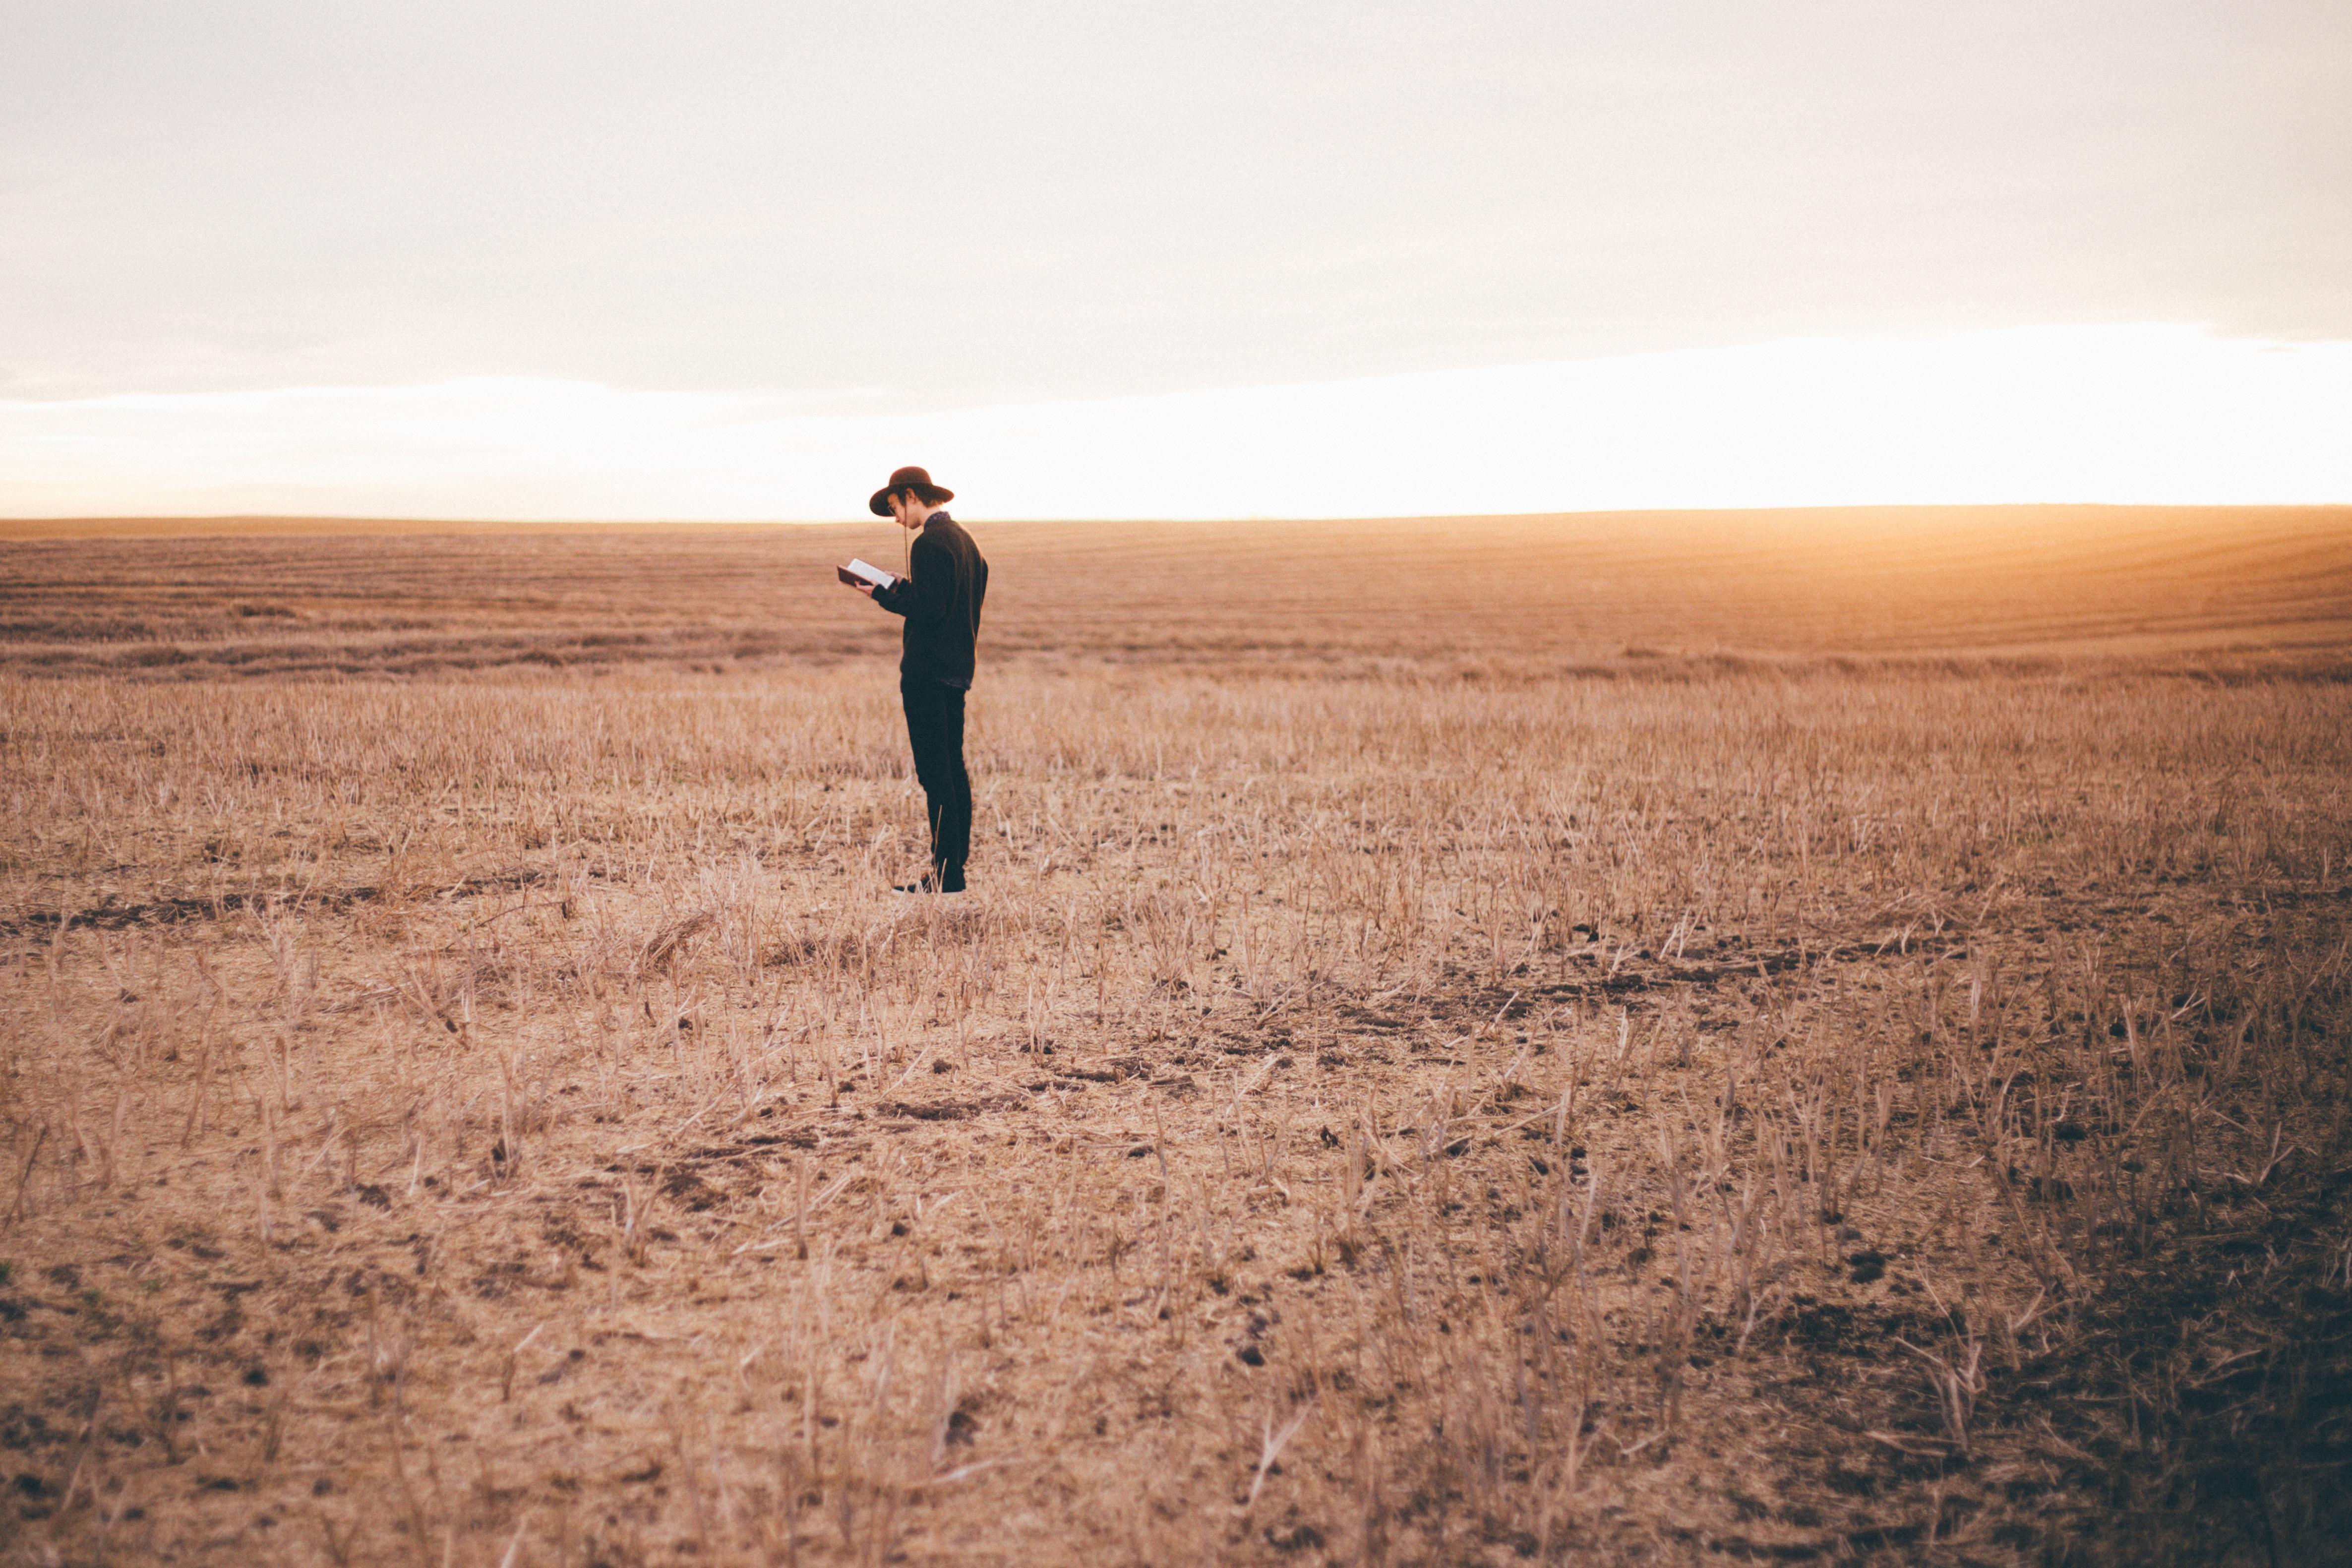 משמעותה של ברכת כוהנים- דף לימוד